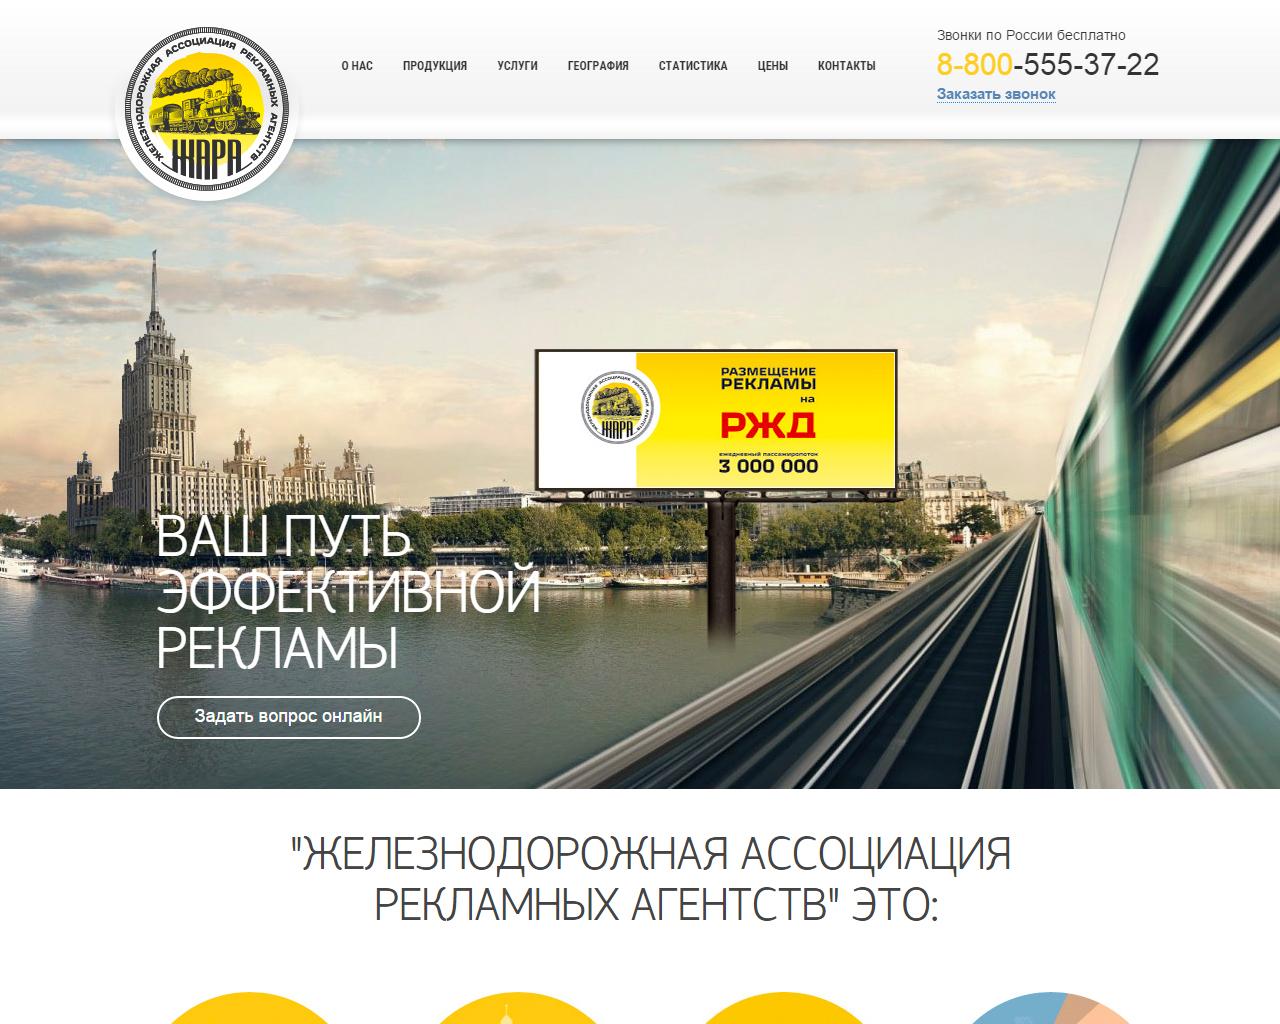 Железнодорожное агенство IP-HOME